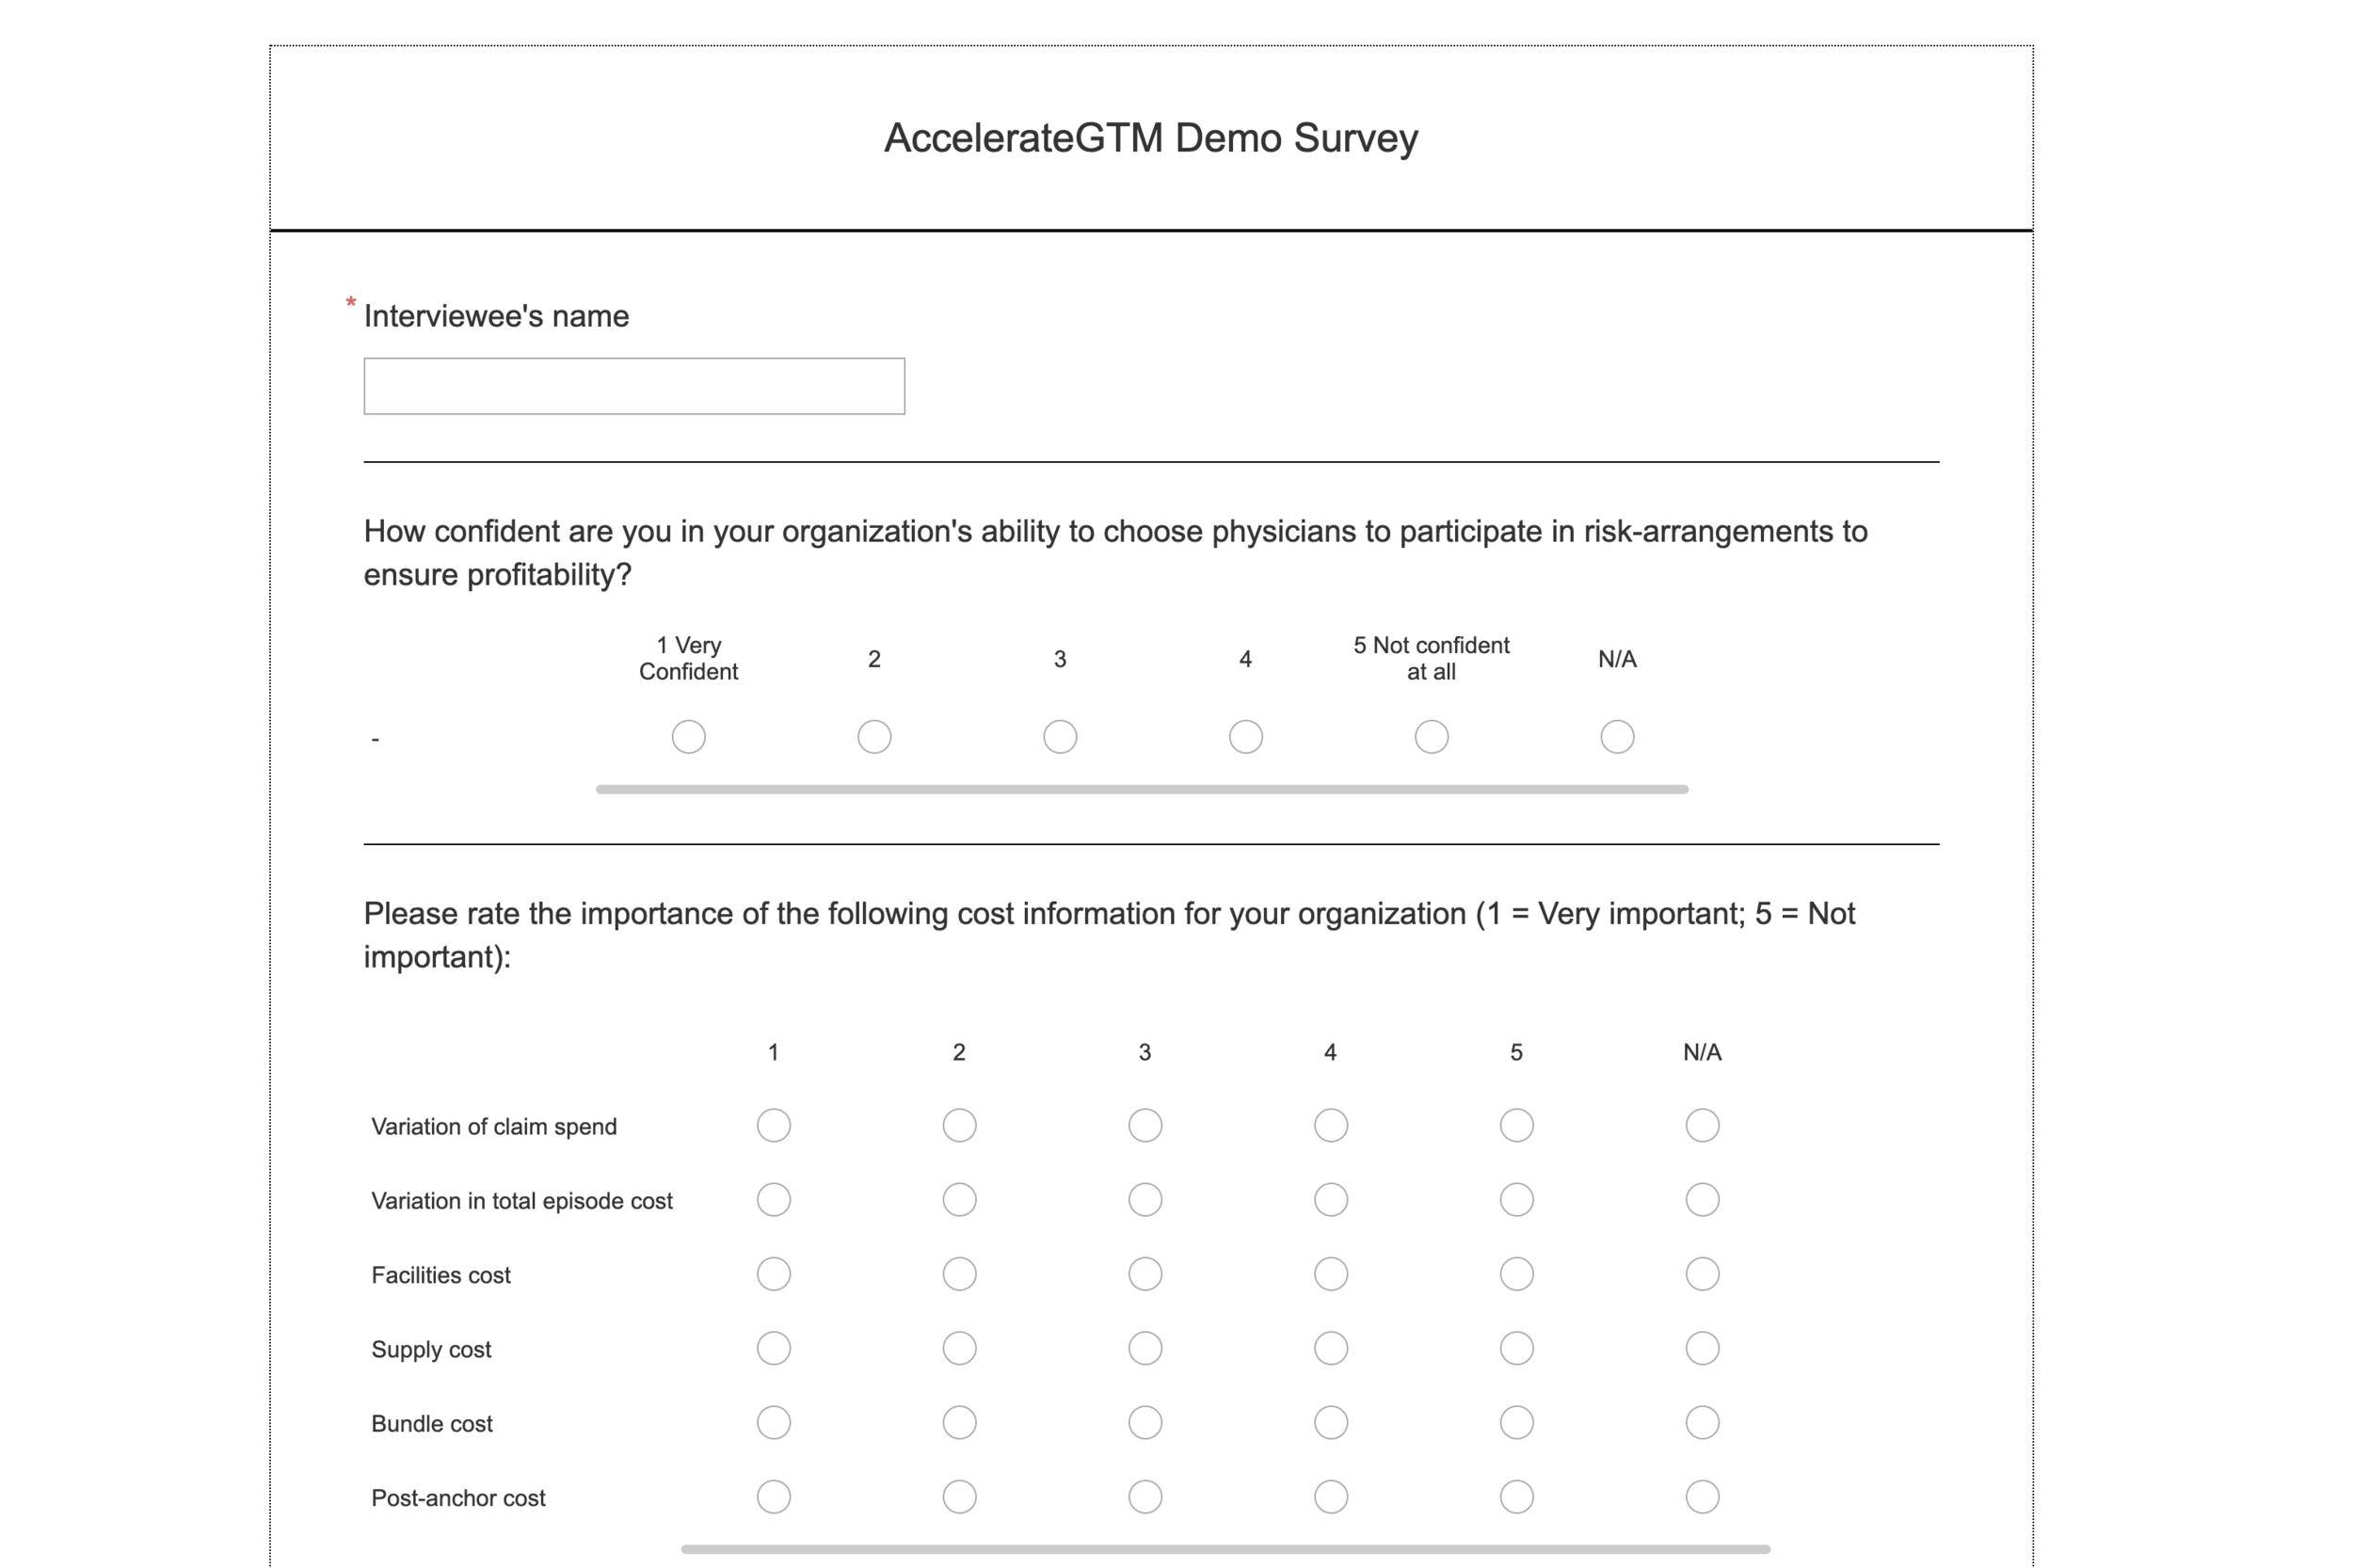 Online Survey Page